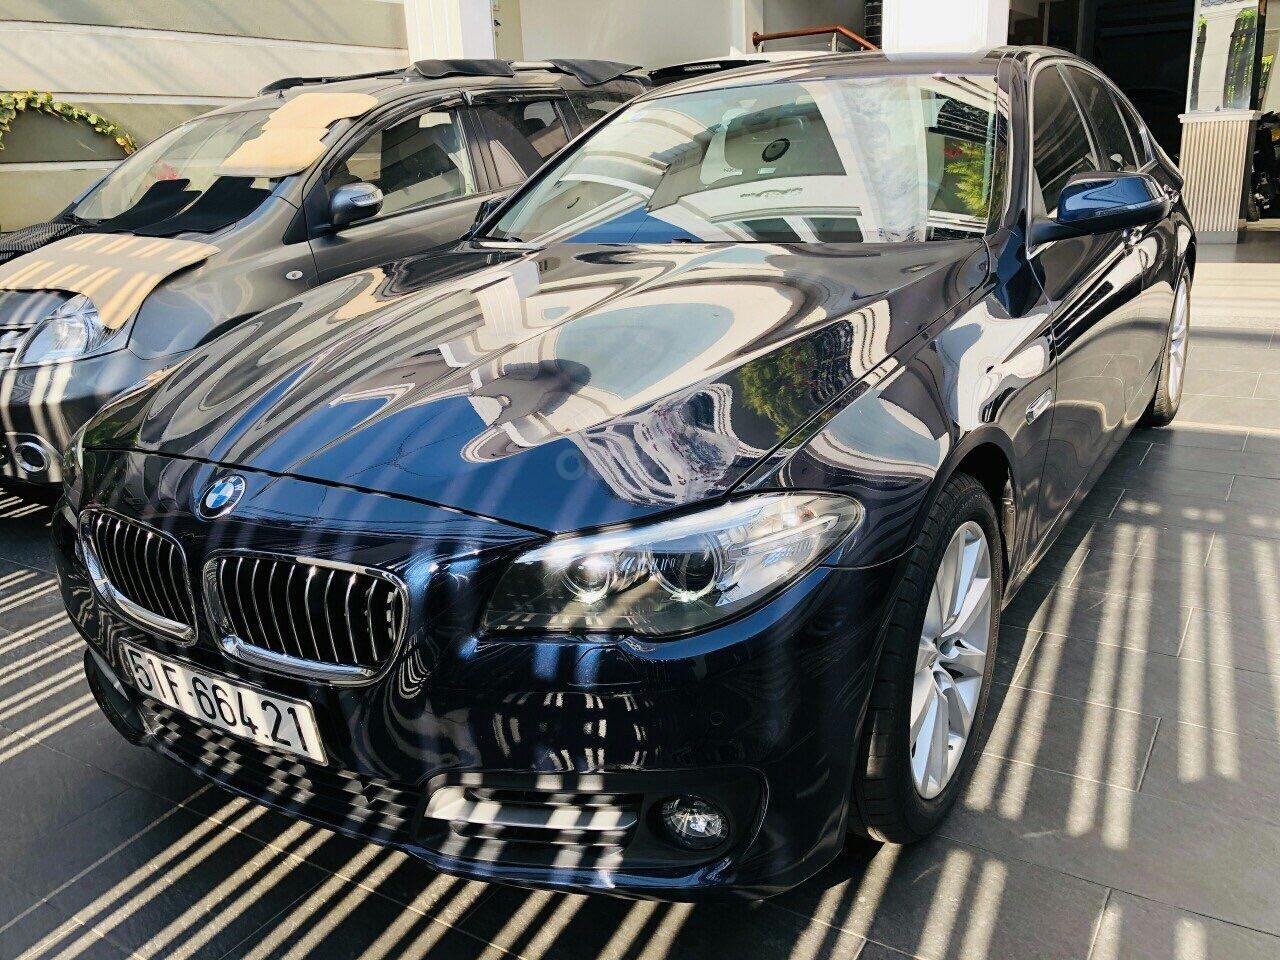 Bán BMW 520i sản xuất 2016, xe đẹp, đi ít, cam kết chất lượng bao kiểm tra hãng-1